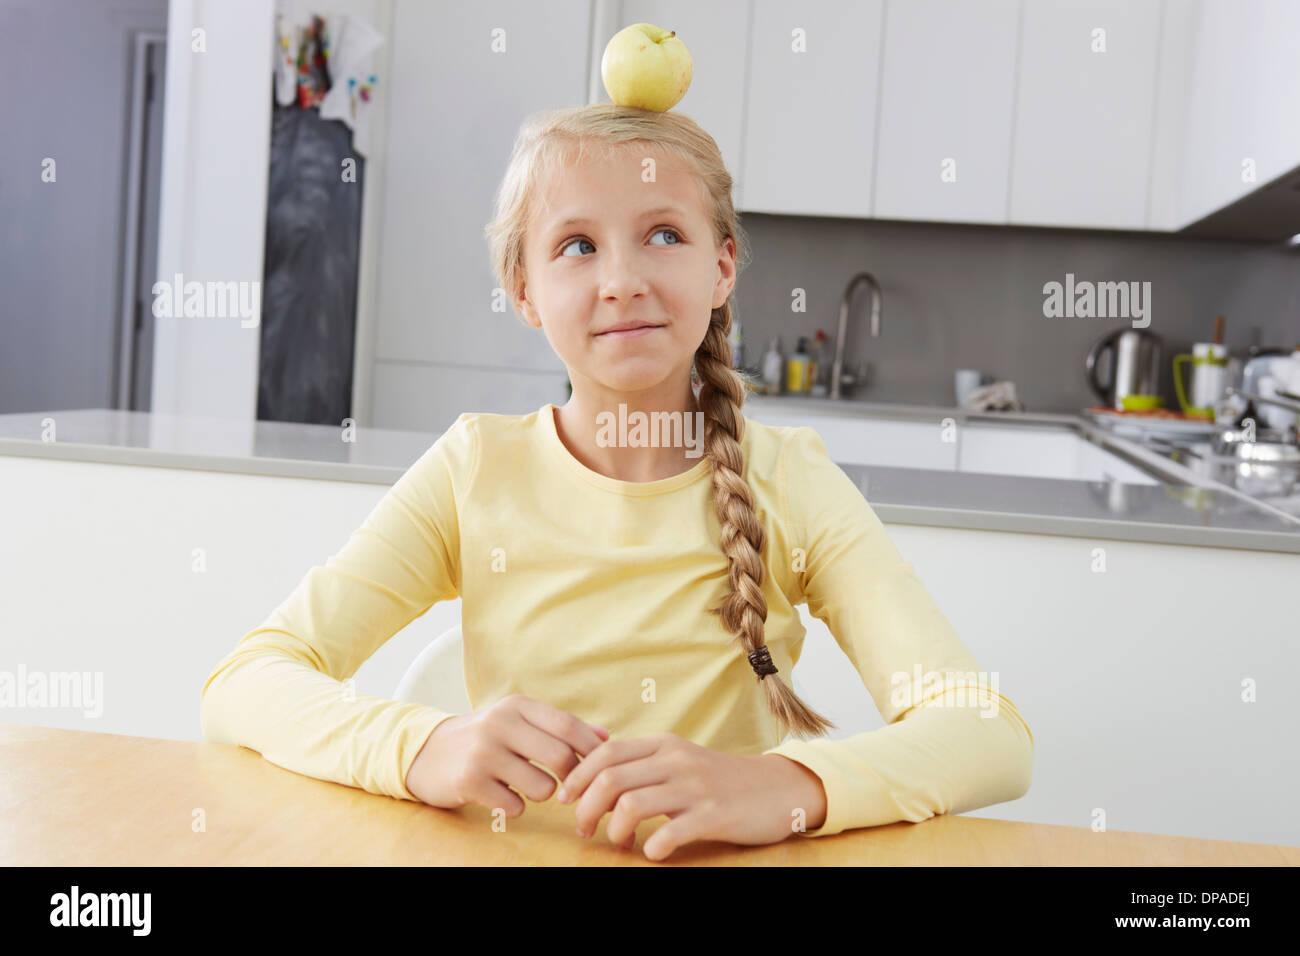 Ragazza con apple bilanciato sulla sua testa Immagini Stock